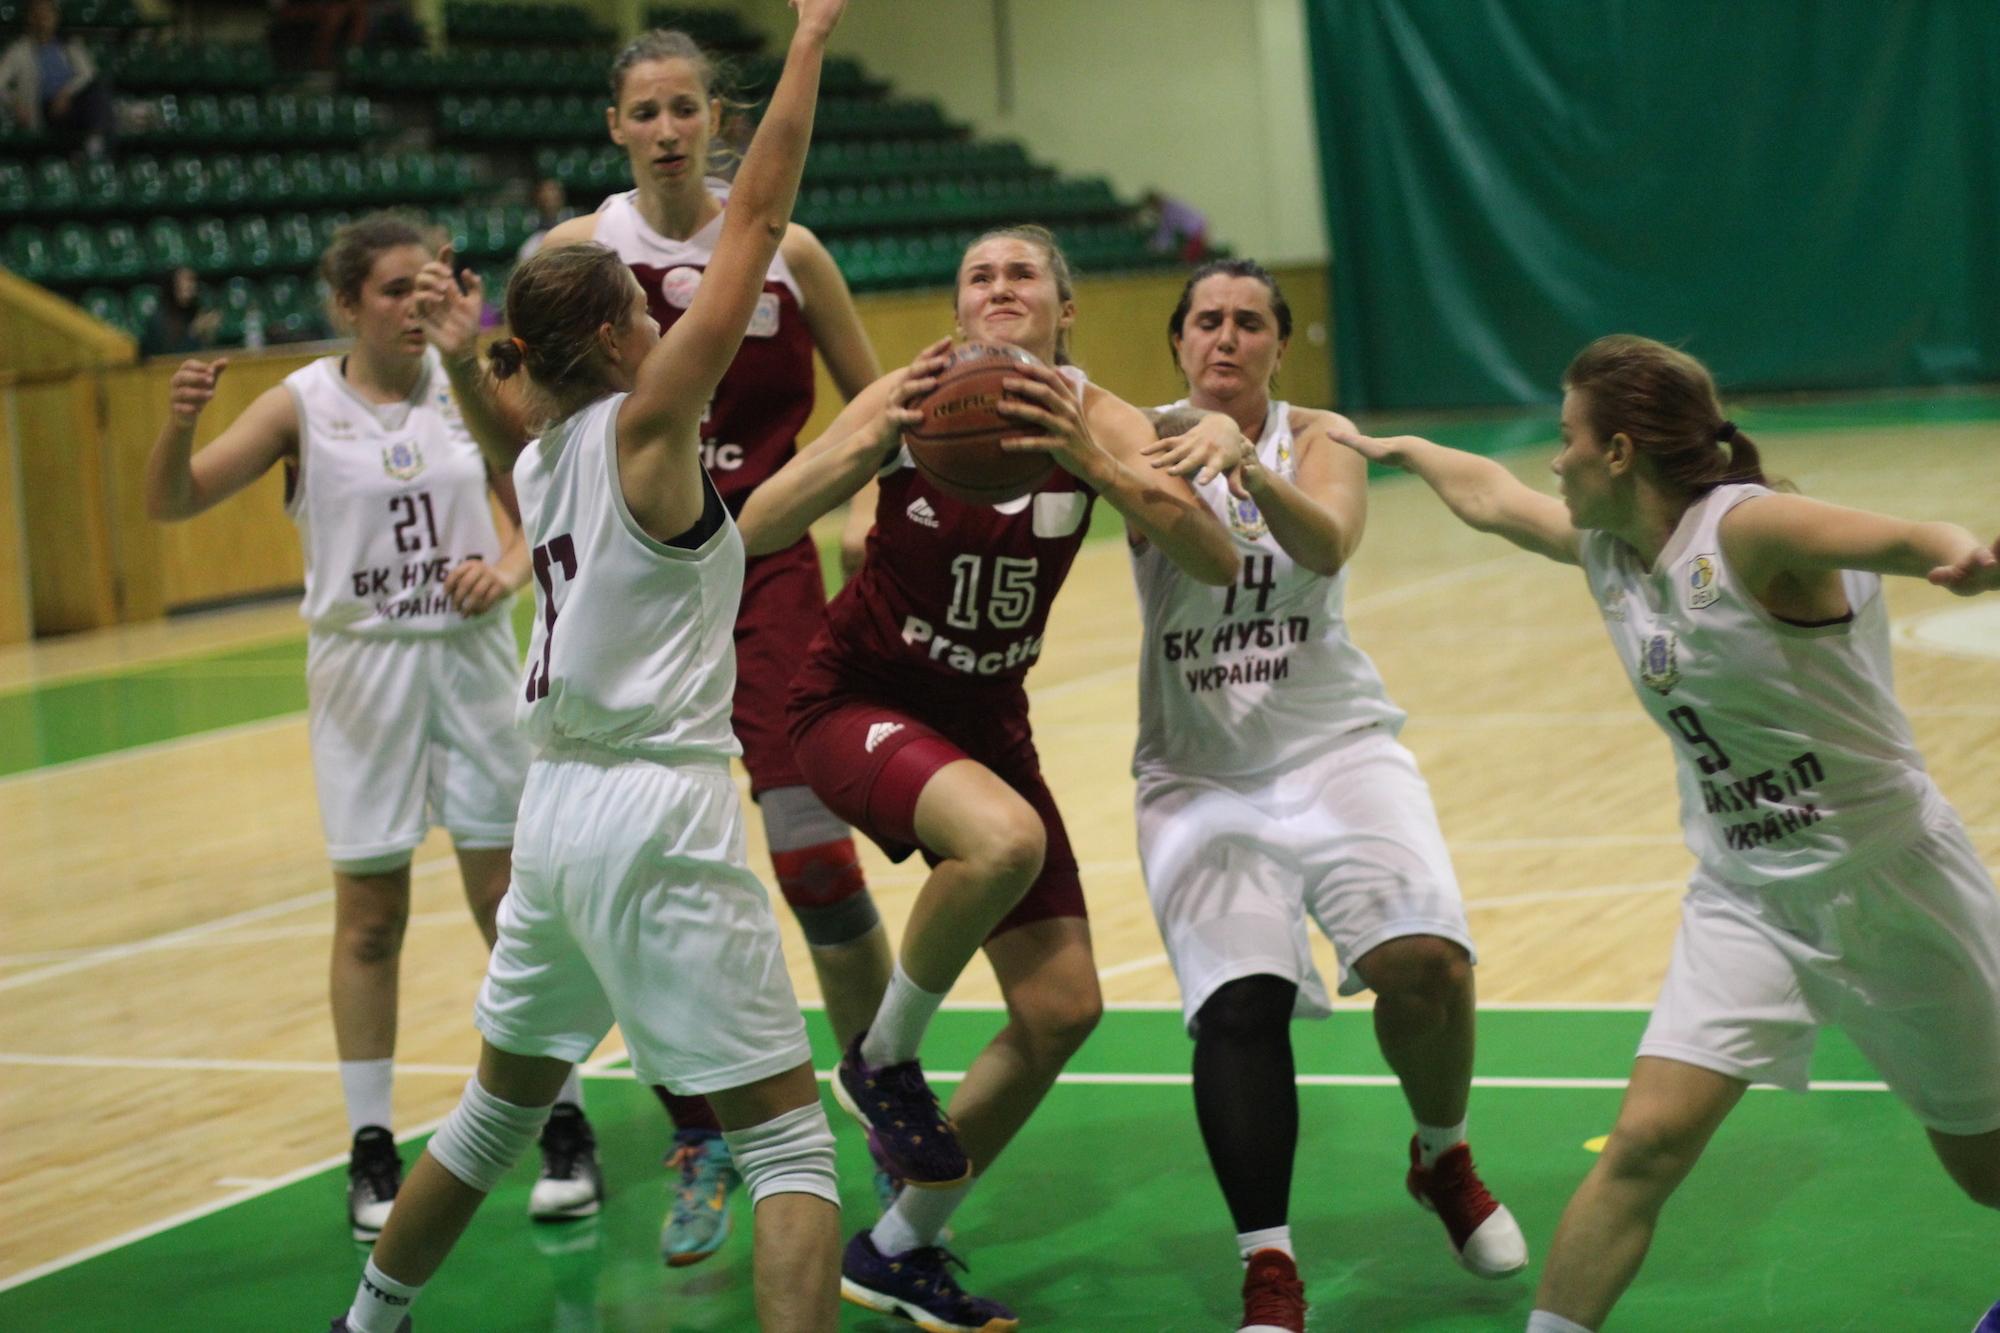 У Львові розпочався передсезонний турнір серед жіночих команд